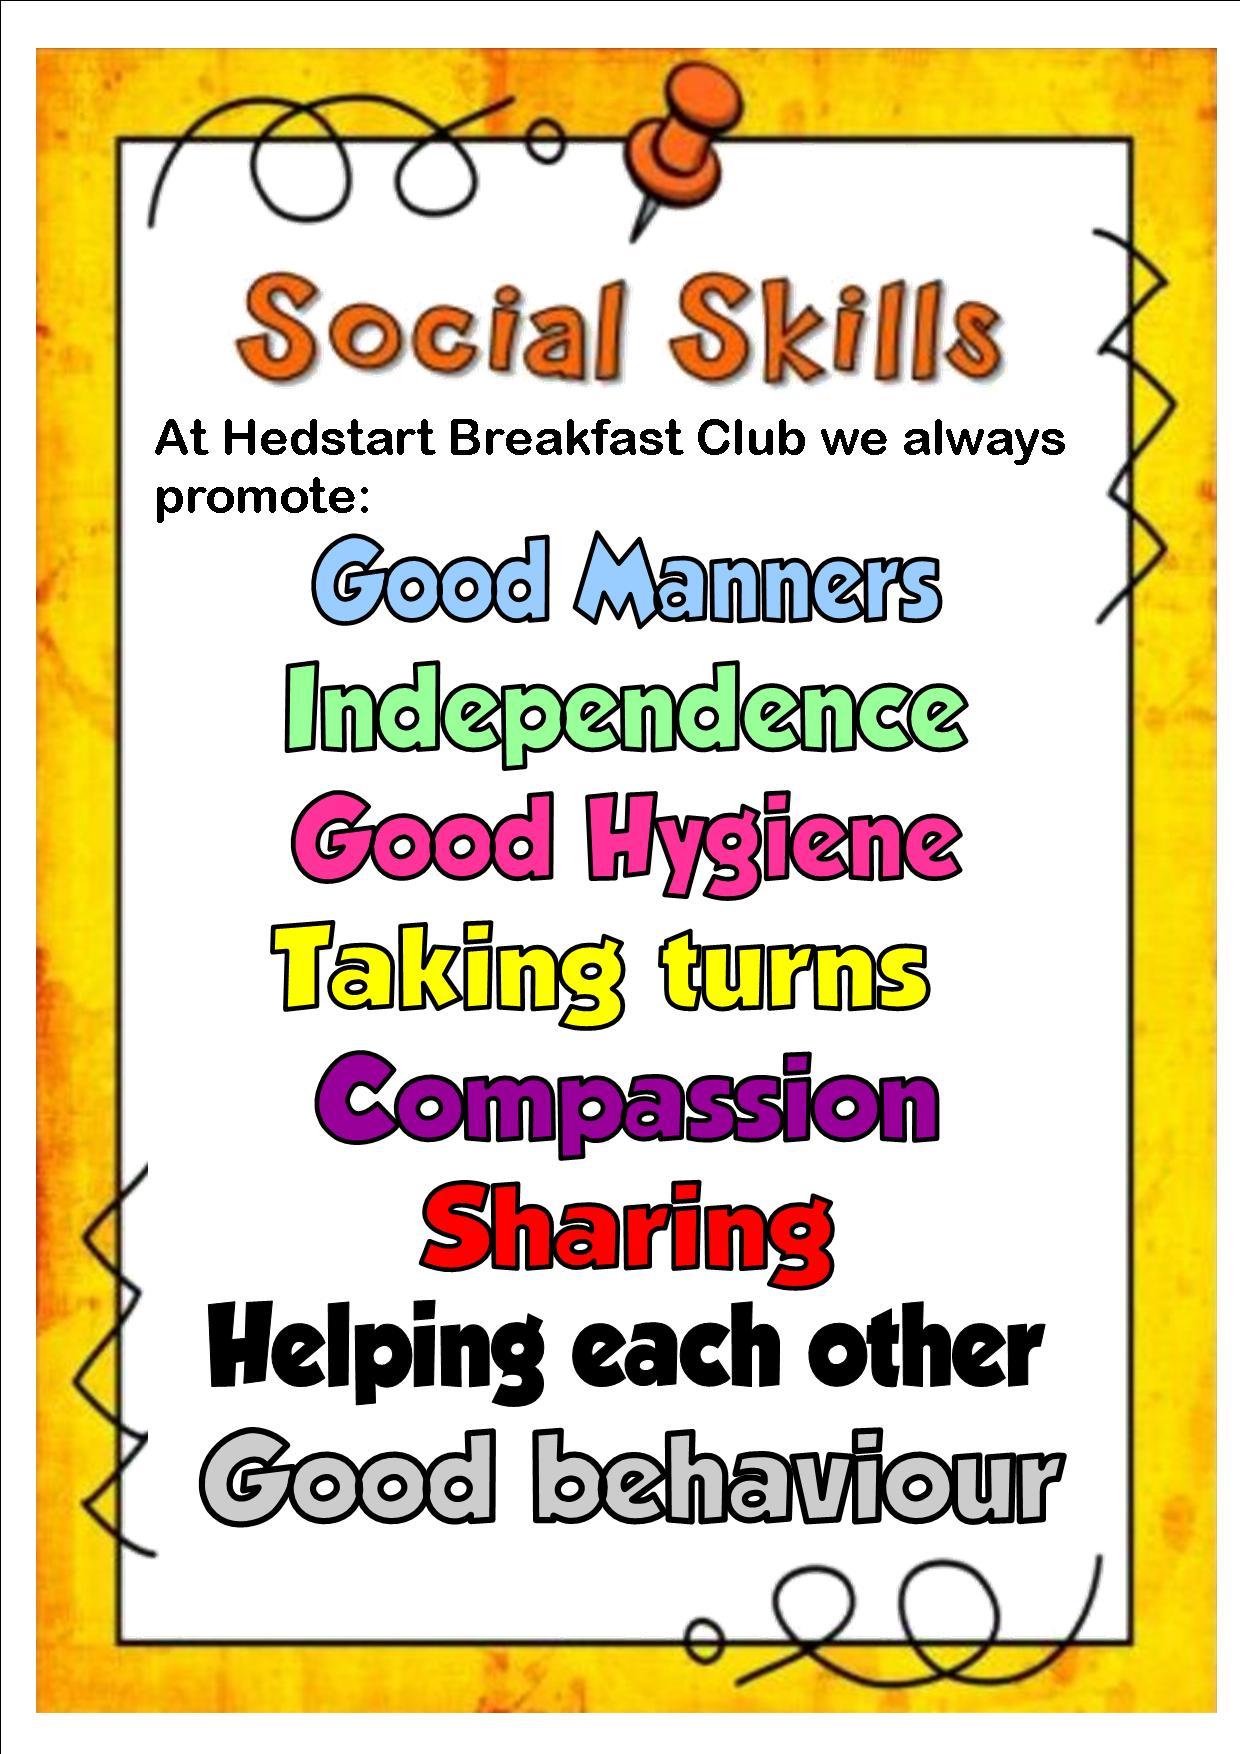 Social Skills Poster